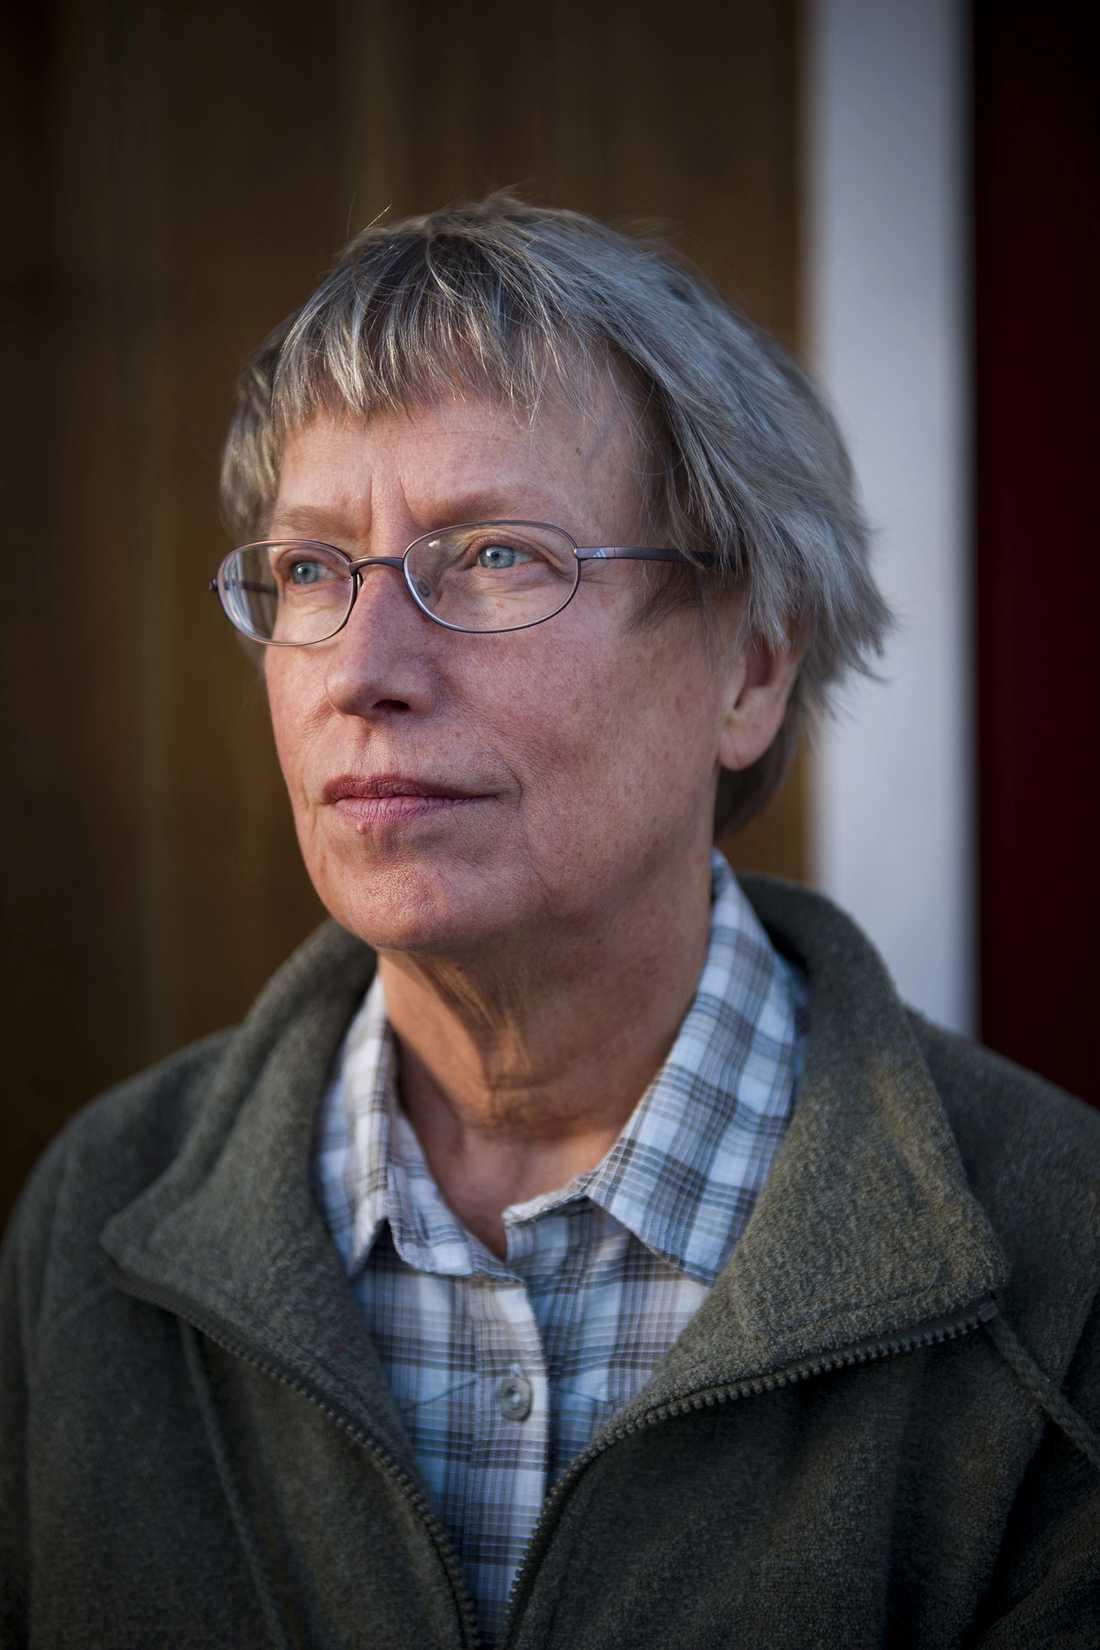 """KNÄCKT AV UTNÄMNINGEN LCHF-gurun Annika Dahlqvist, 62, kände sig helt tillintetgjord sedan hon utnämnts till Årets förvillare 2009. """"Jag har kunnat gå vidare tack vare stödet från familjen"""", säger hon."""